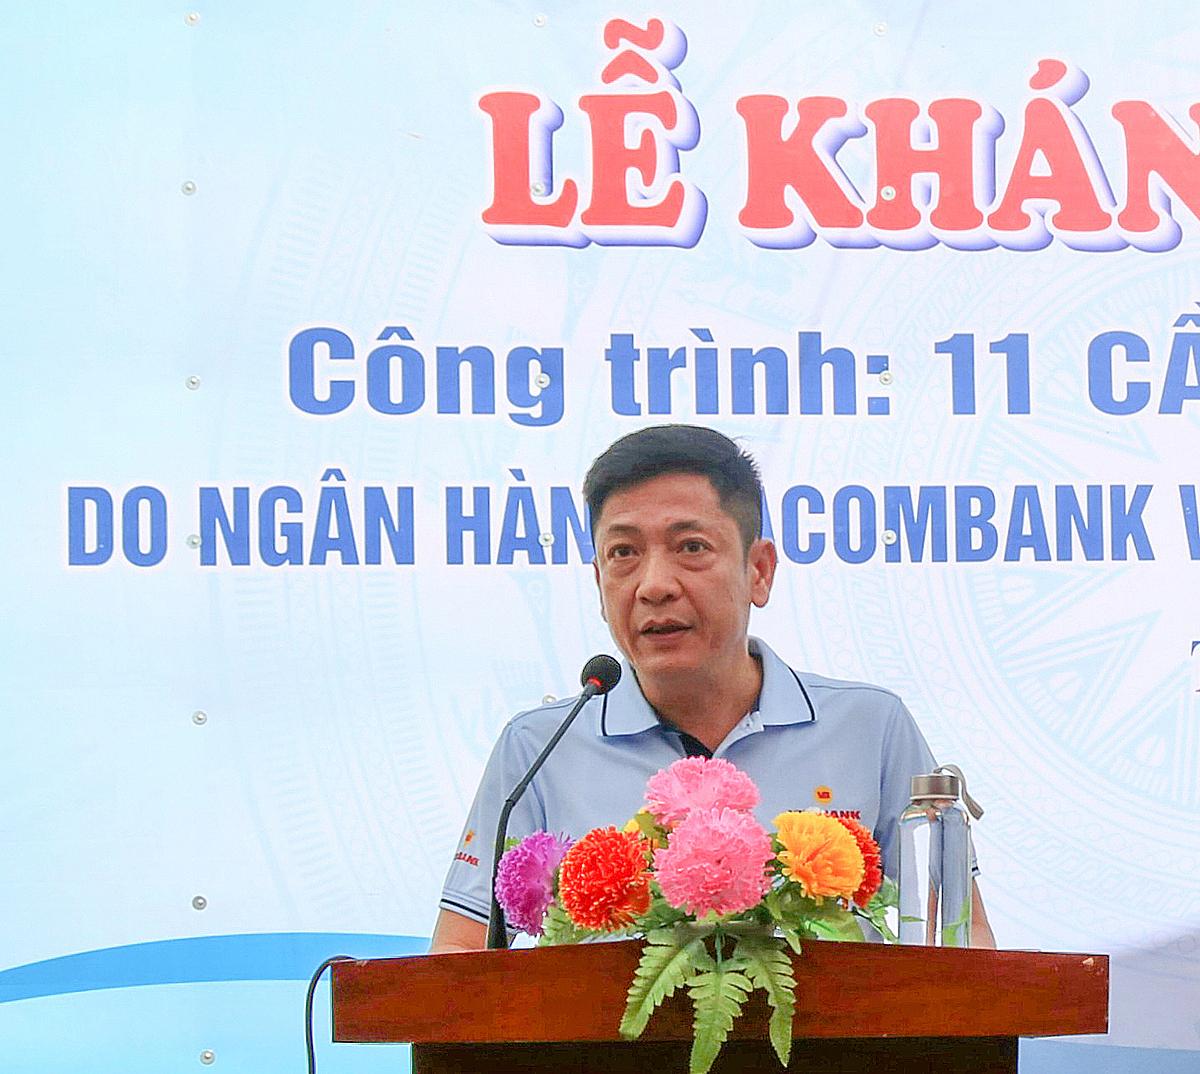 Ông Lê Huy Dũng - Quyền tổng giám đốc Vietbank phát biểu tại buổi lễ. Ảnh: Vietbank.